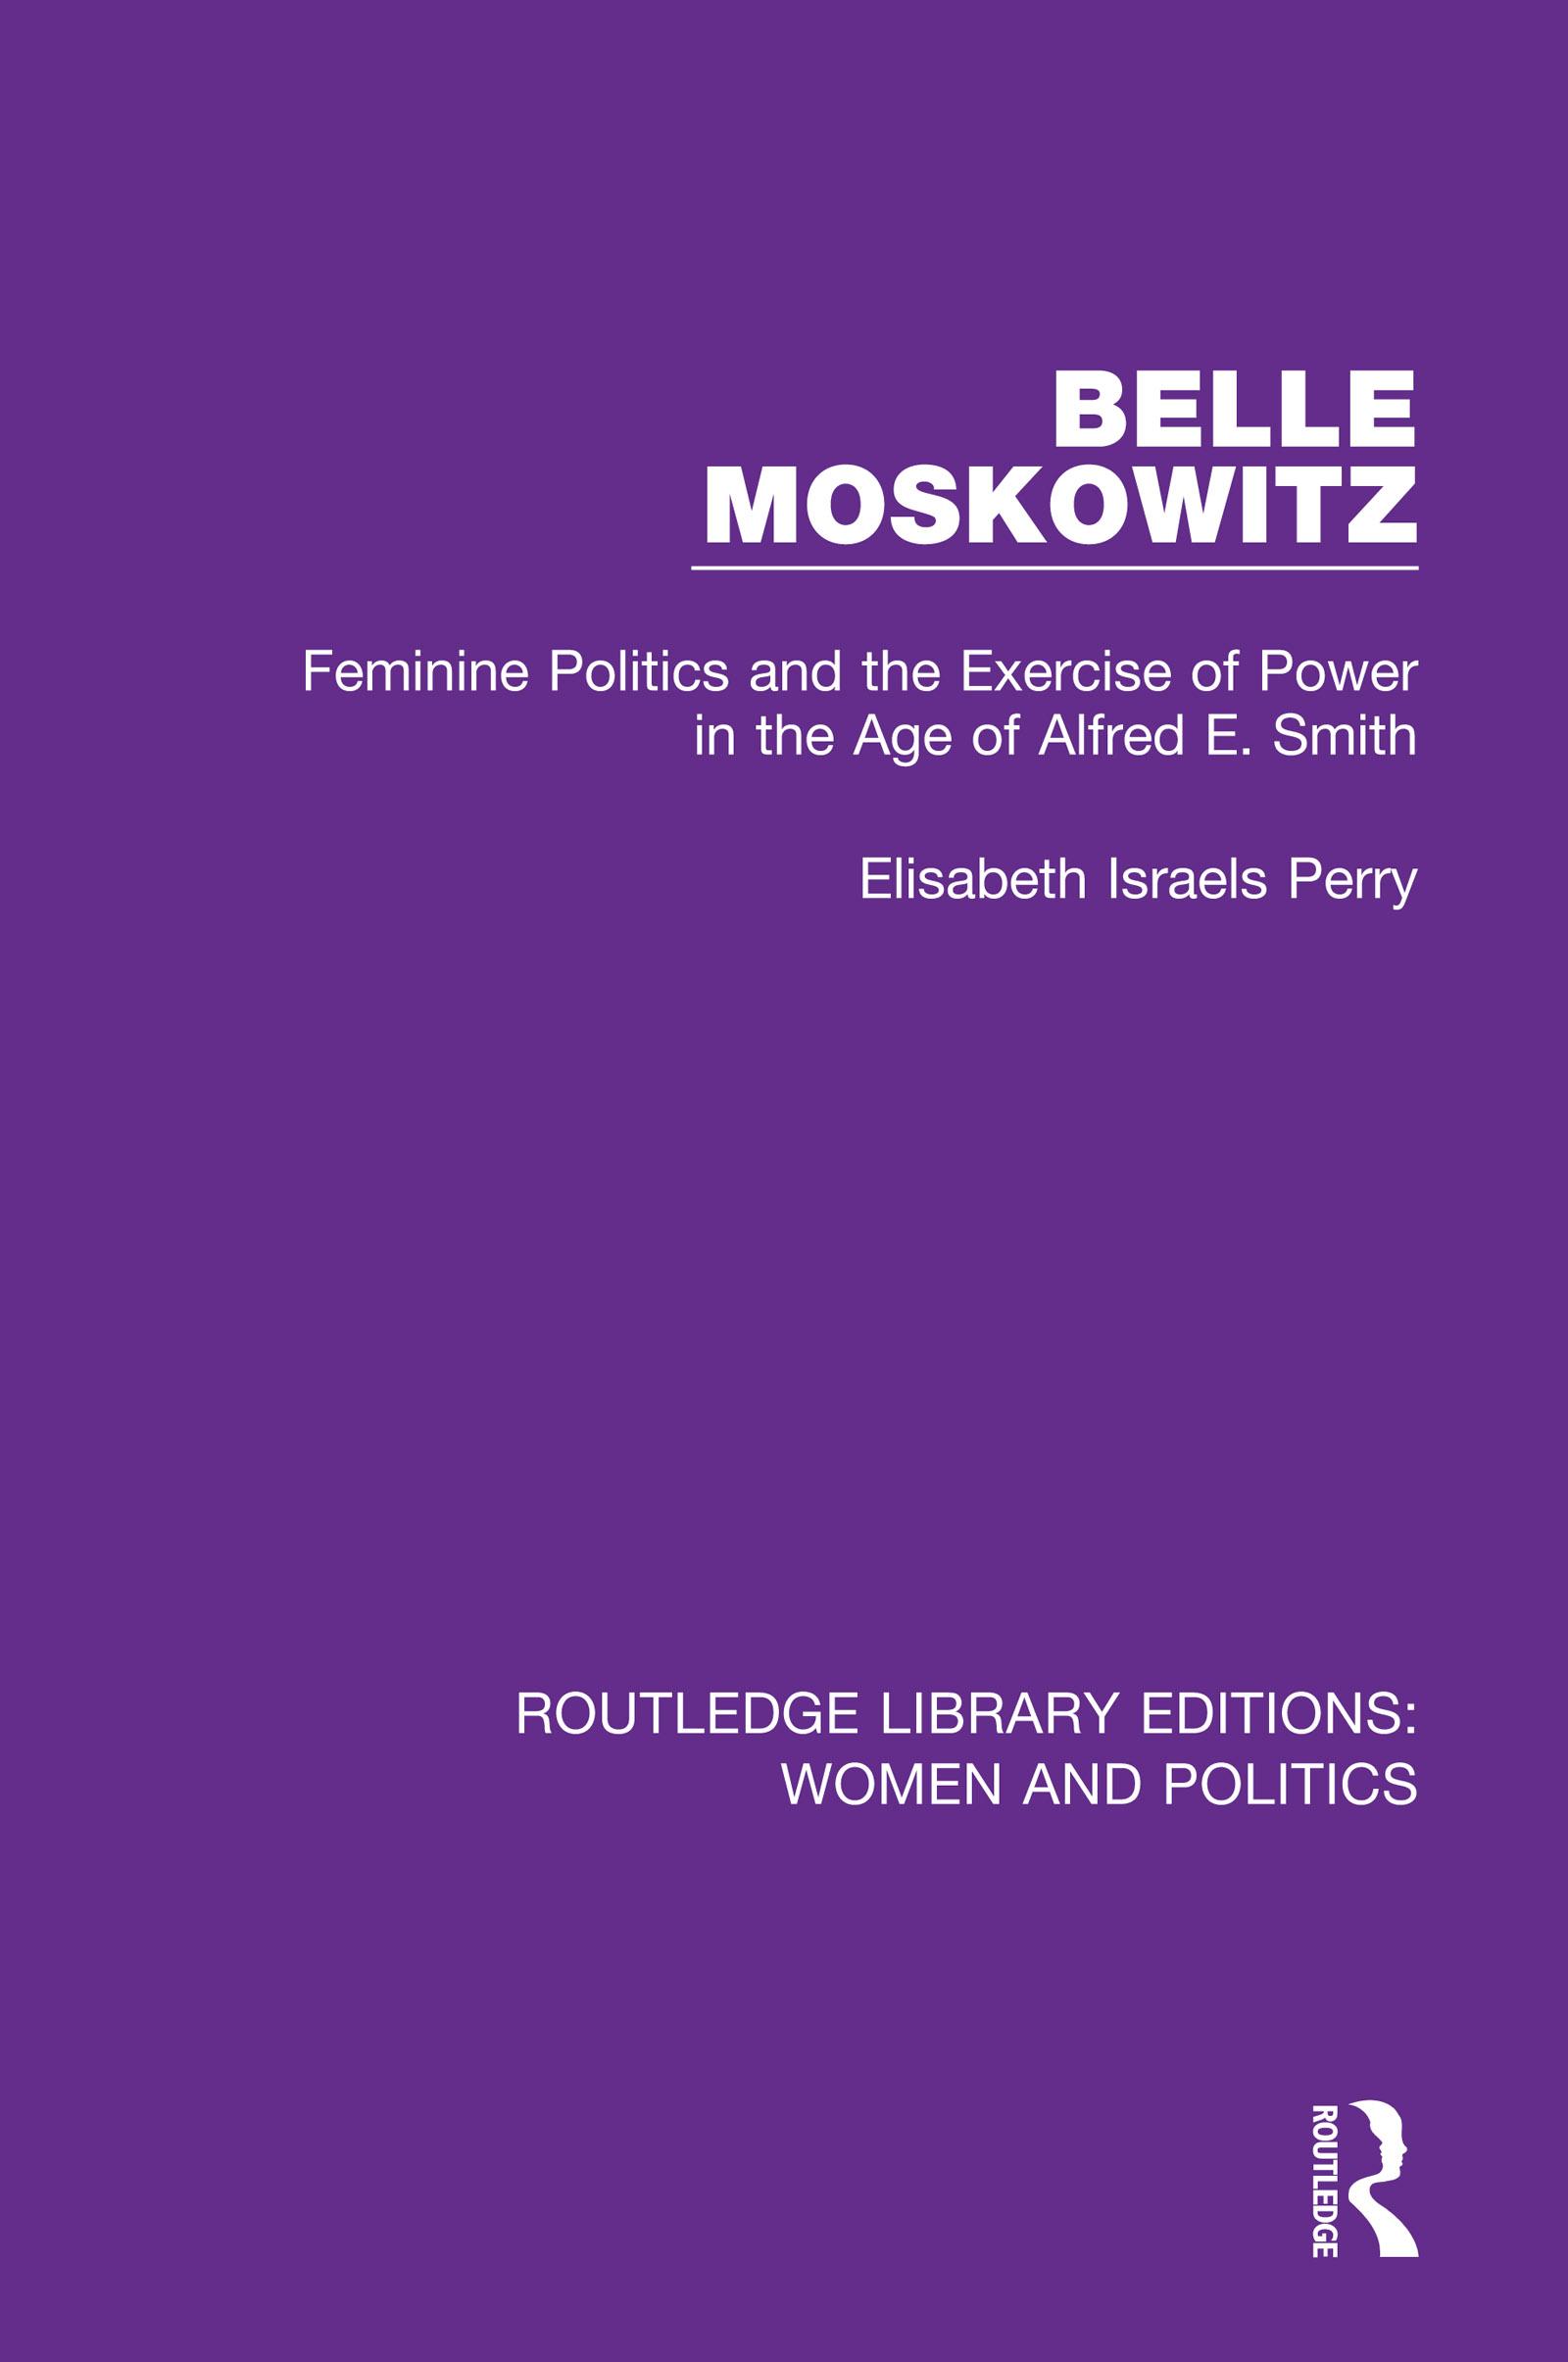 Belle Moskowitz